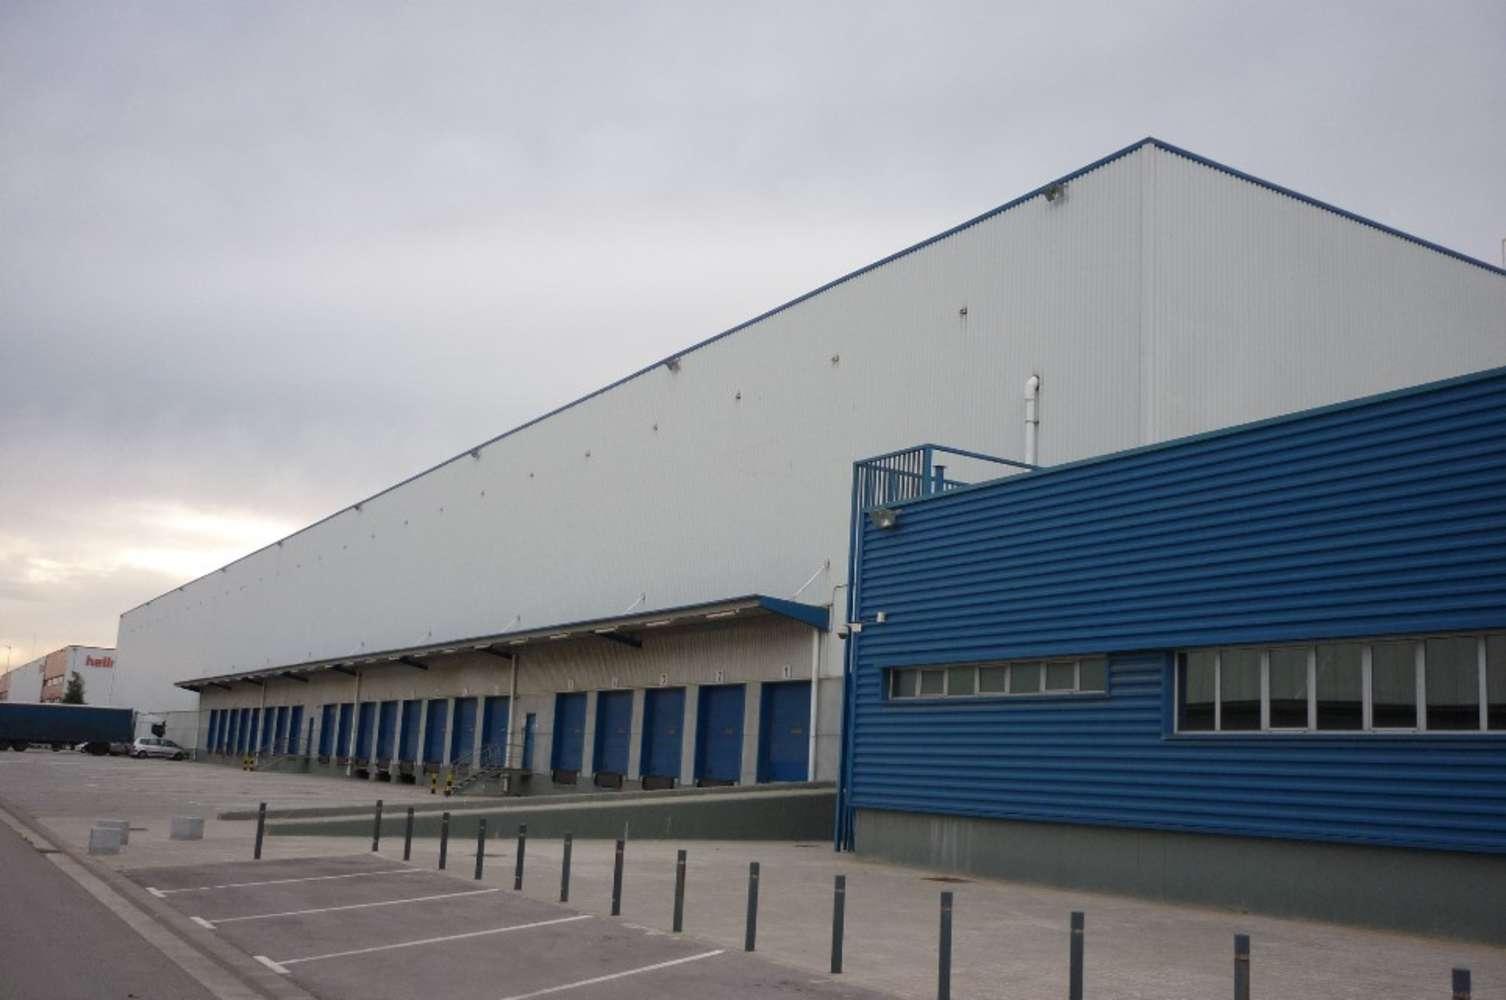 Naves industriales y logísticas Barcelona, 08040 - Nave Logística - B0047 - ZAL I PUERTO DE BARCELONA - 3332